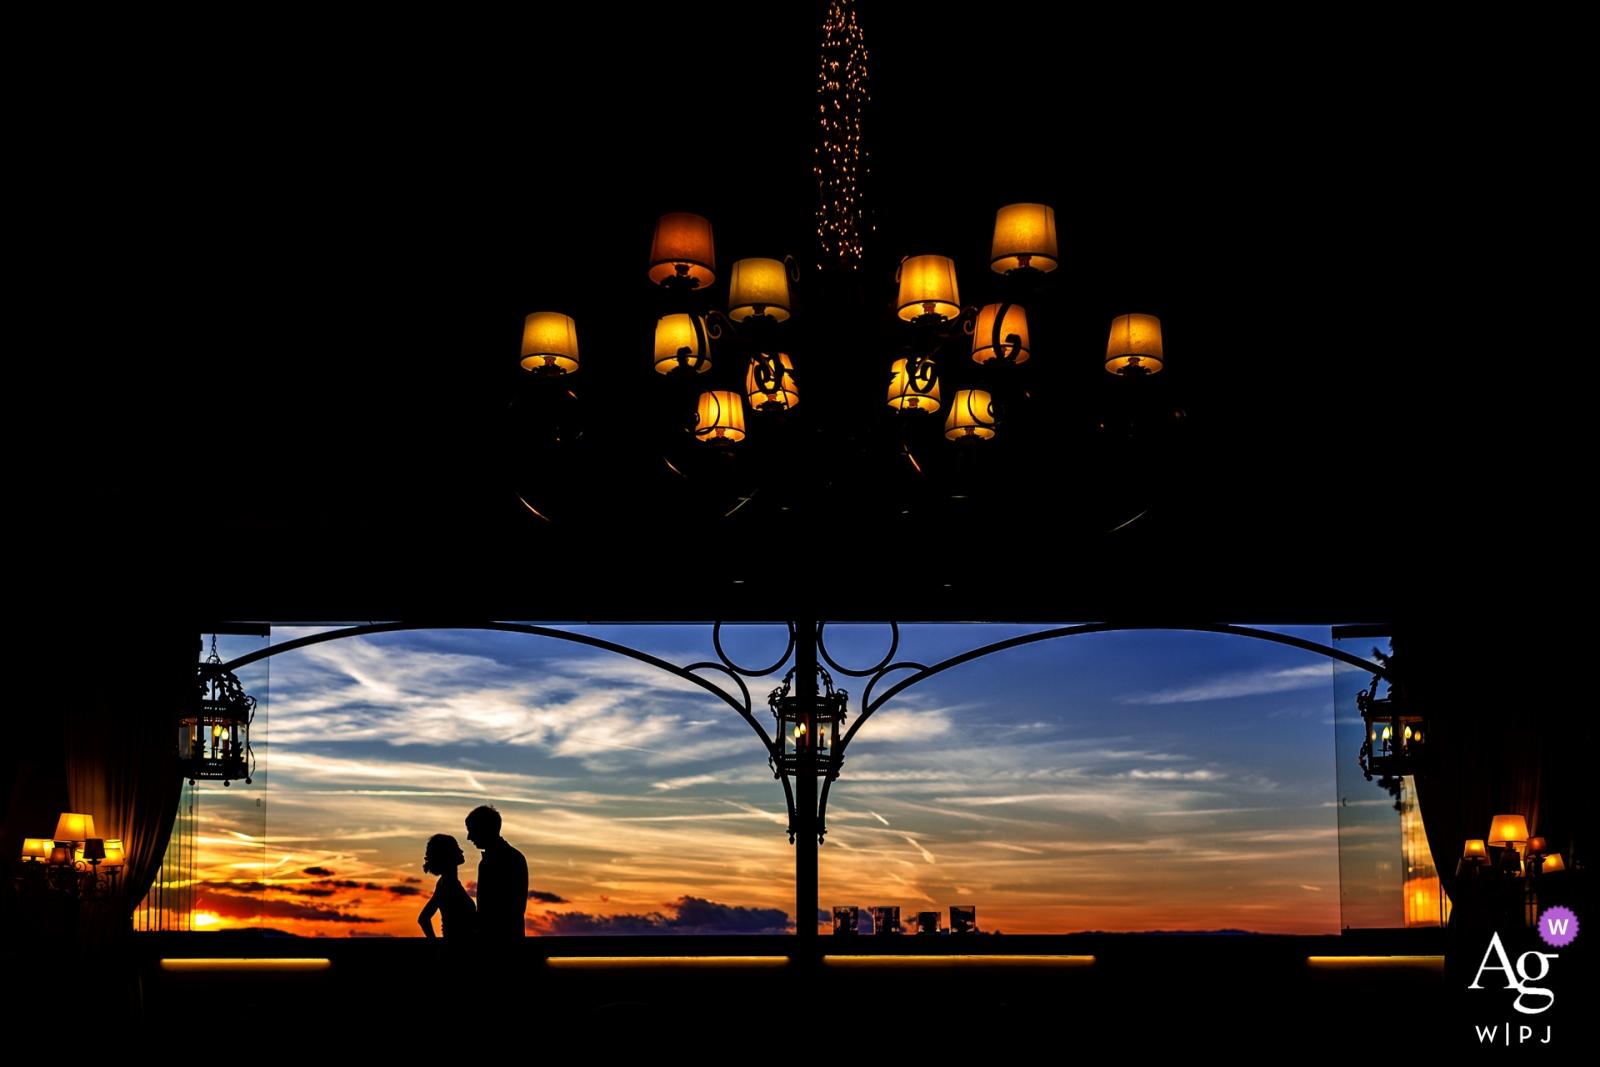 Damiano Salvadori jest artystycznym fotografem ślubnym w Firenze